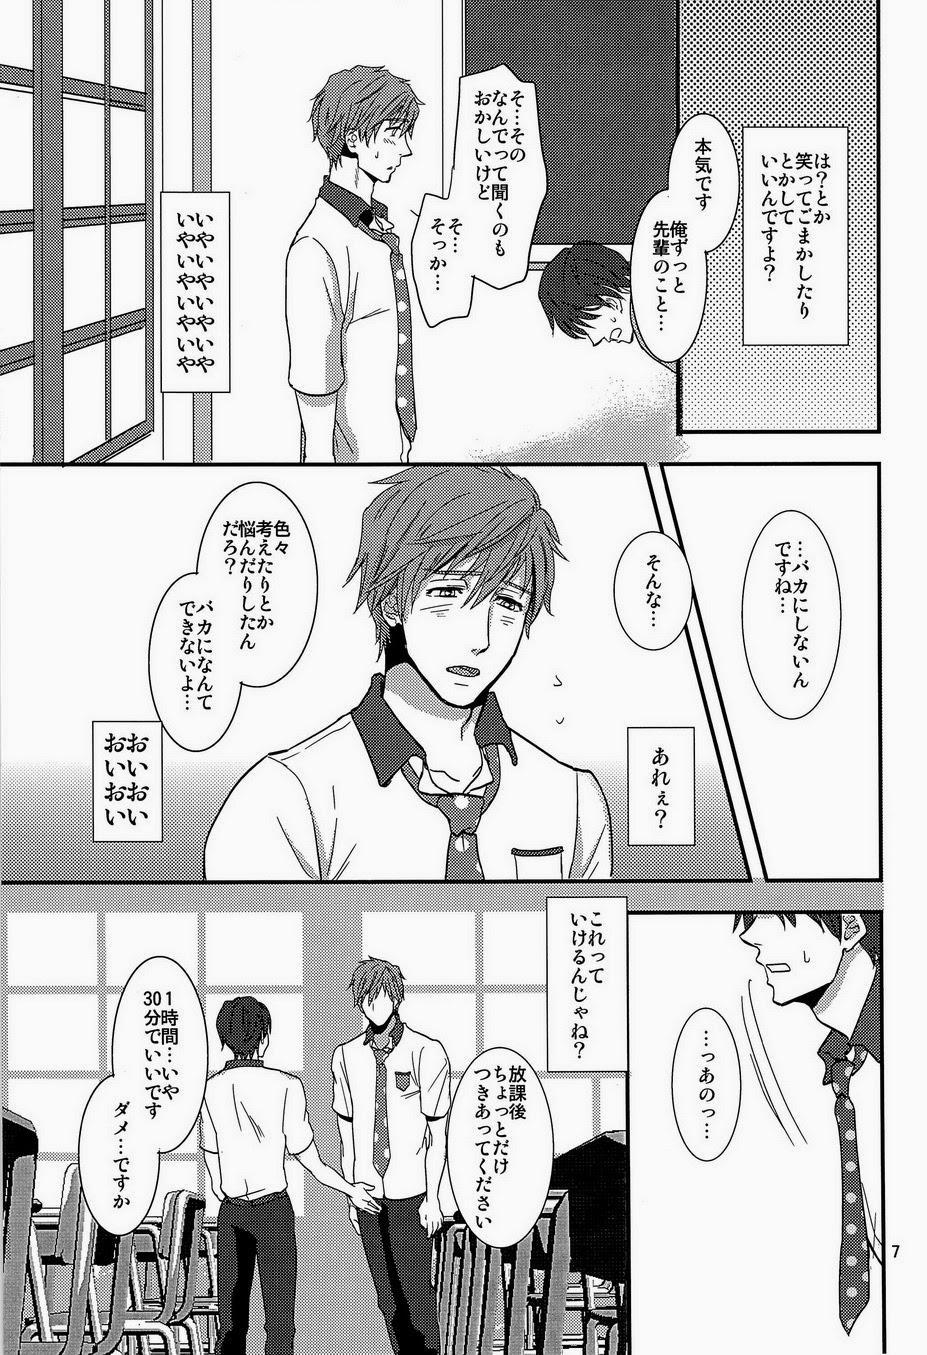 Senpai Onegaishimasu 6